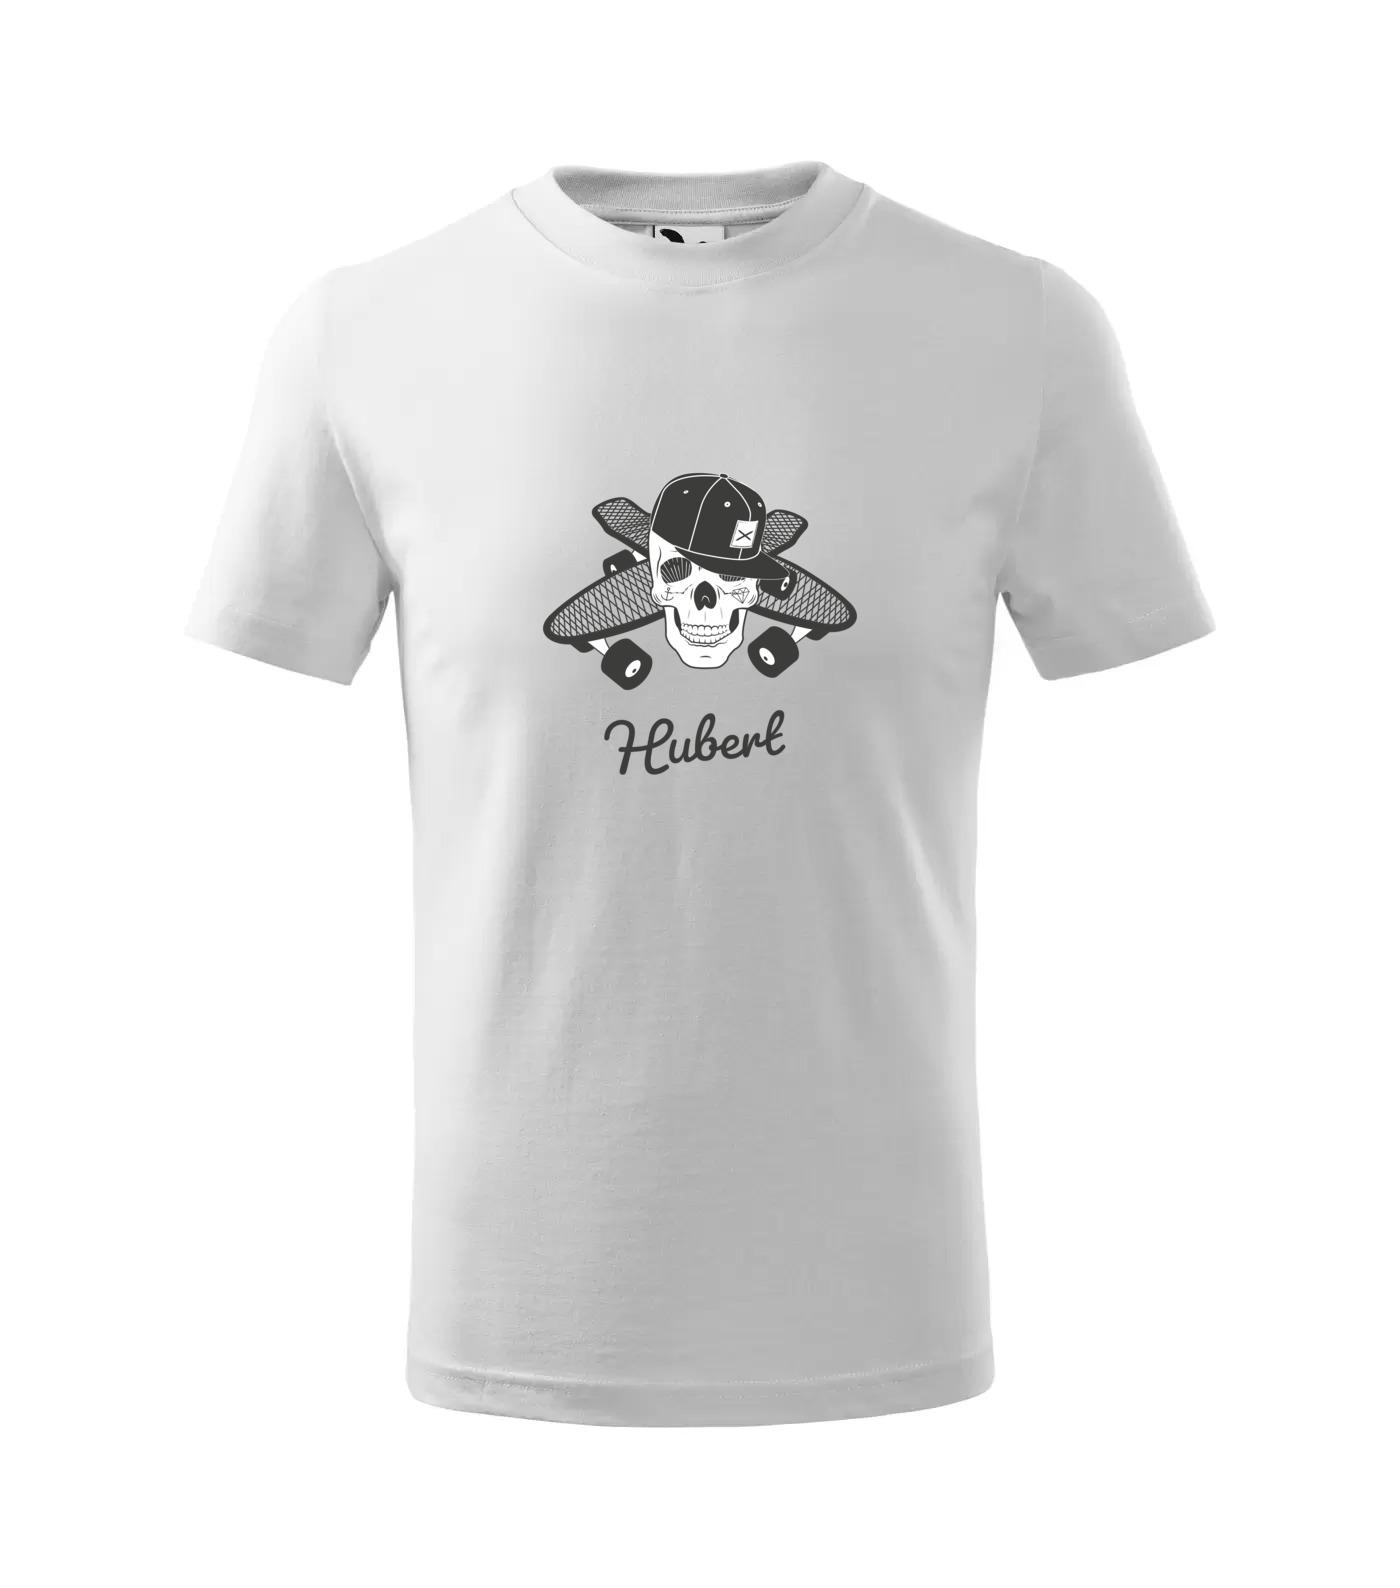 Tričko Skejťák Hubert